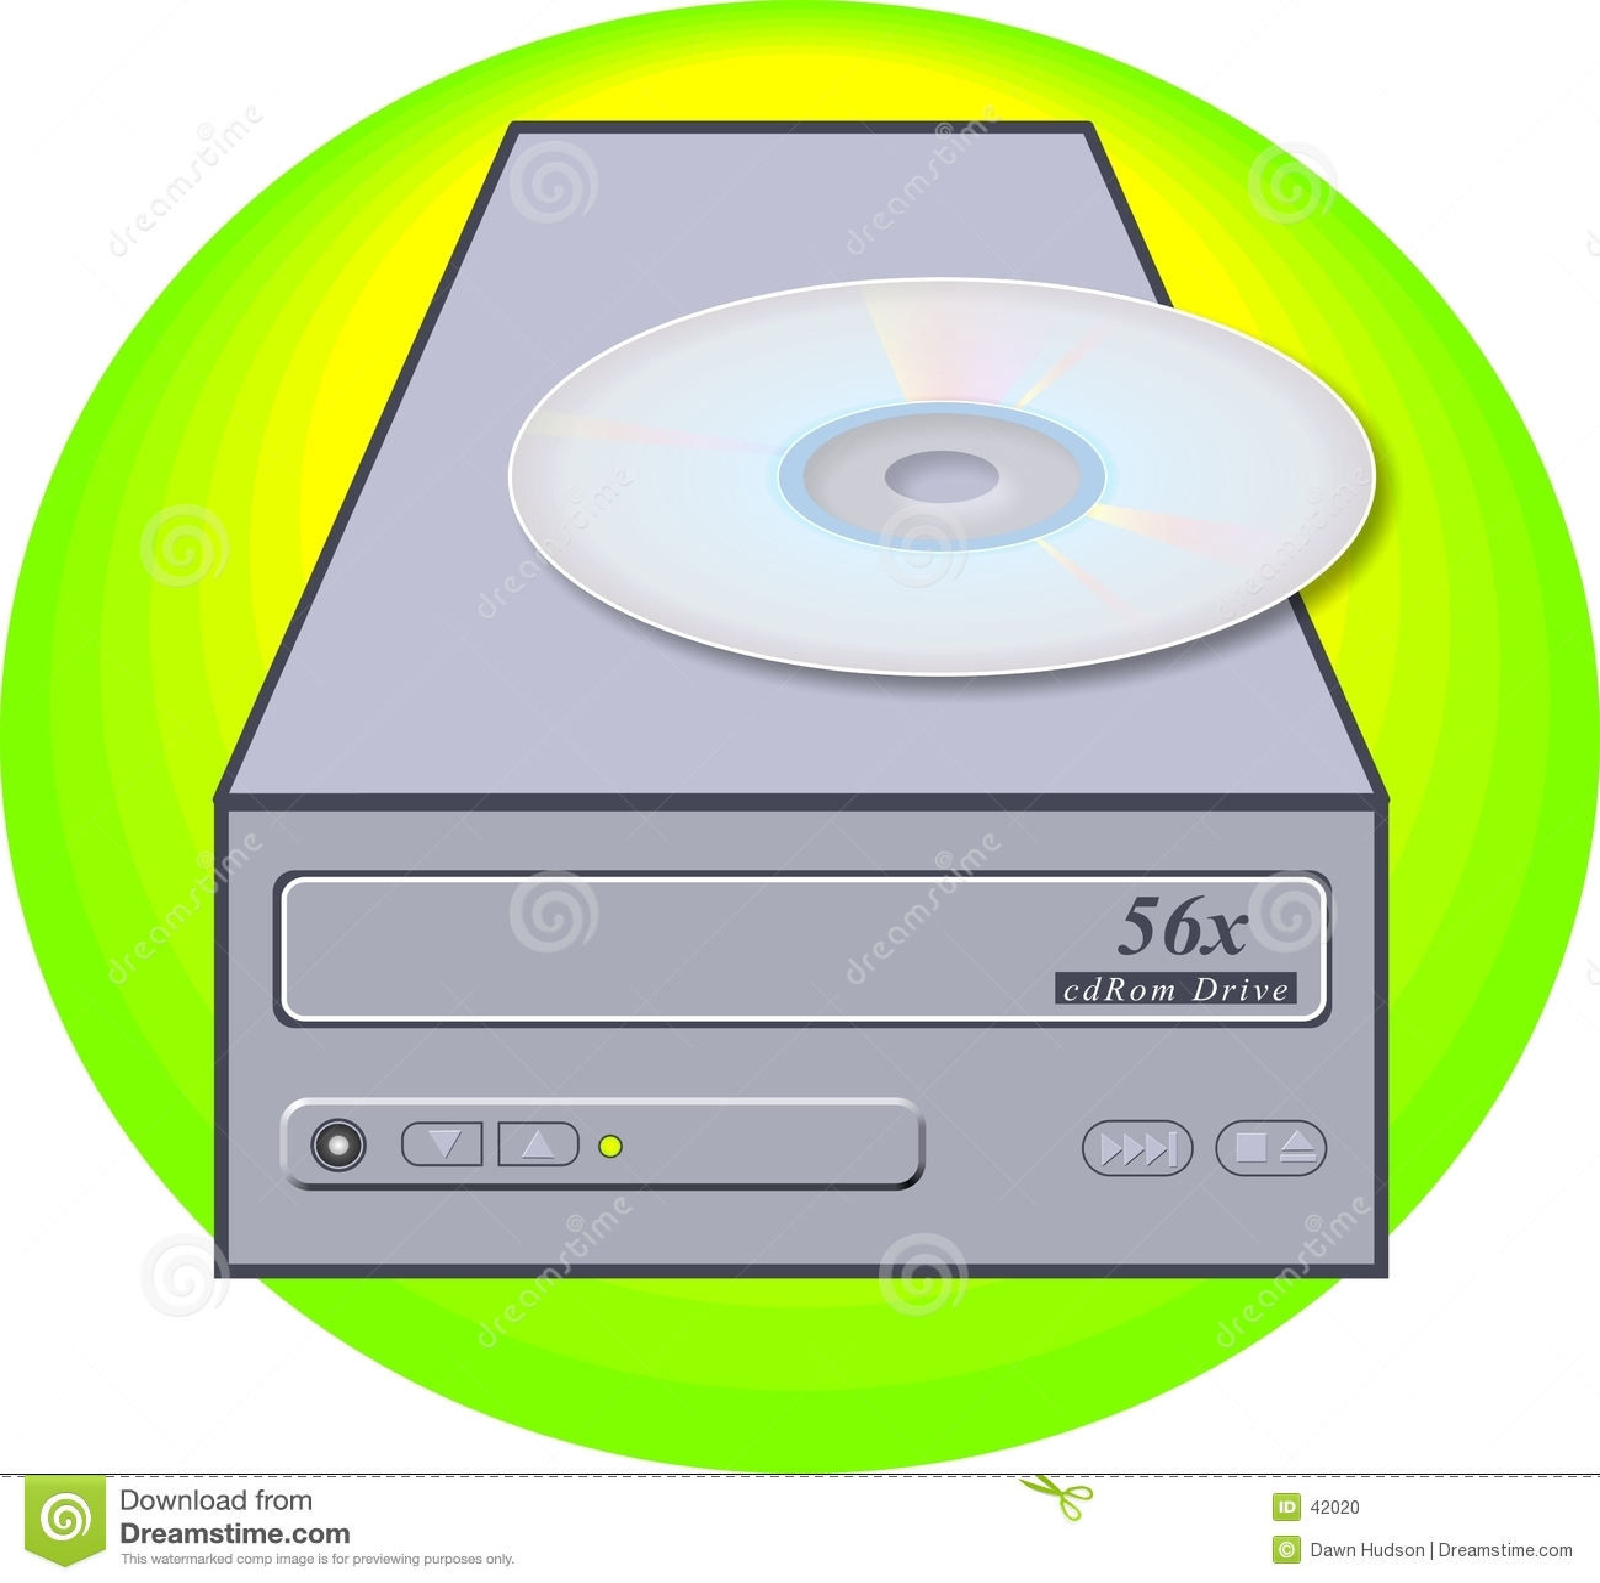 De Aandrijving van CD-rom